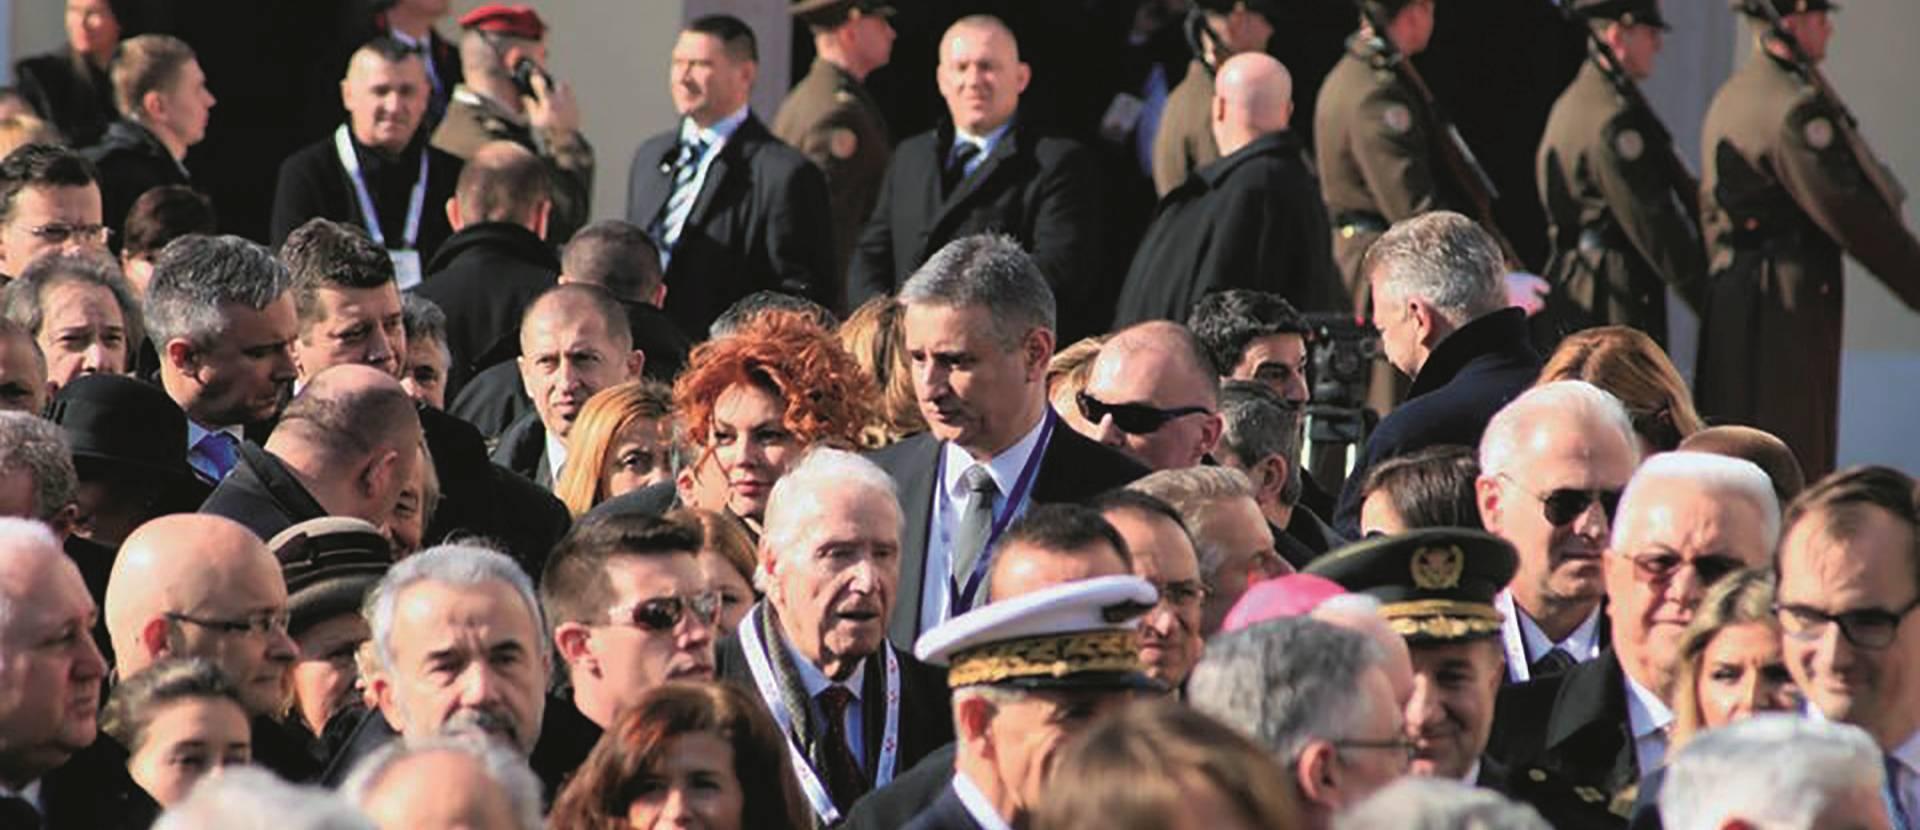 NACIONAL DONOSI: POKUŠAJ ŠEFA HDZ-a DA PROMIJENI NEGATIVAN IMIDŽ Karamarkov inauguracijski gaf: Ana Šarić mimo protokola među uzvanicima